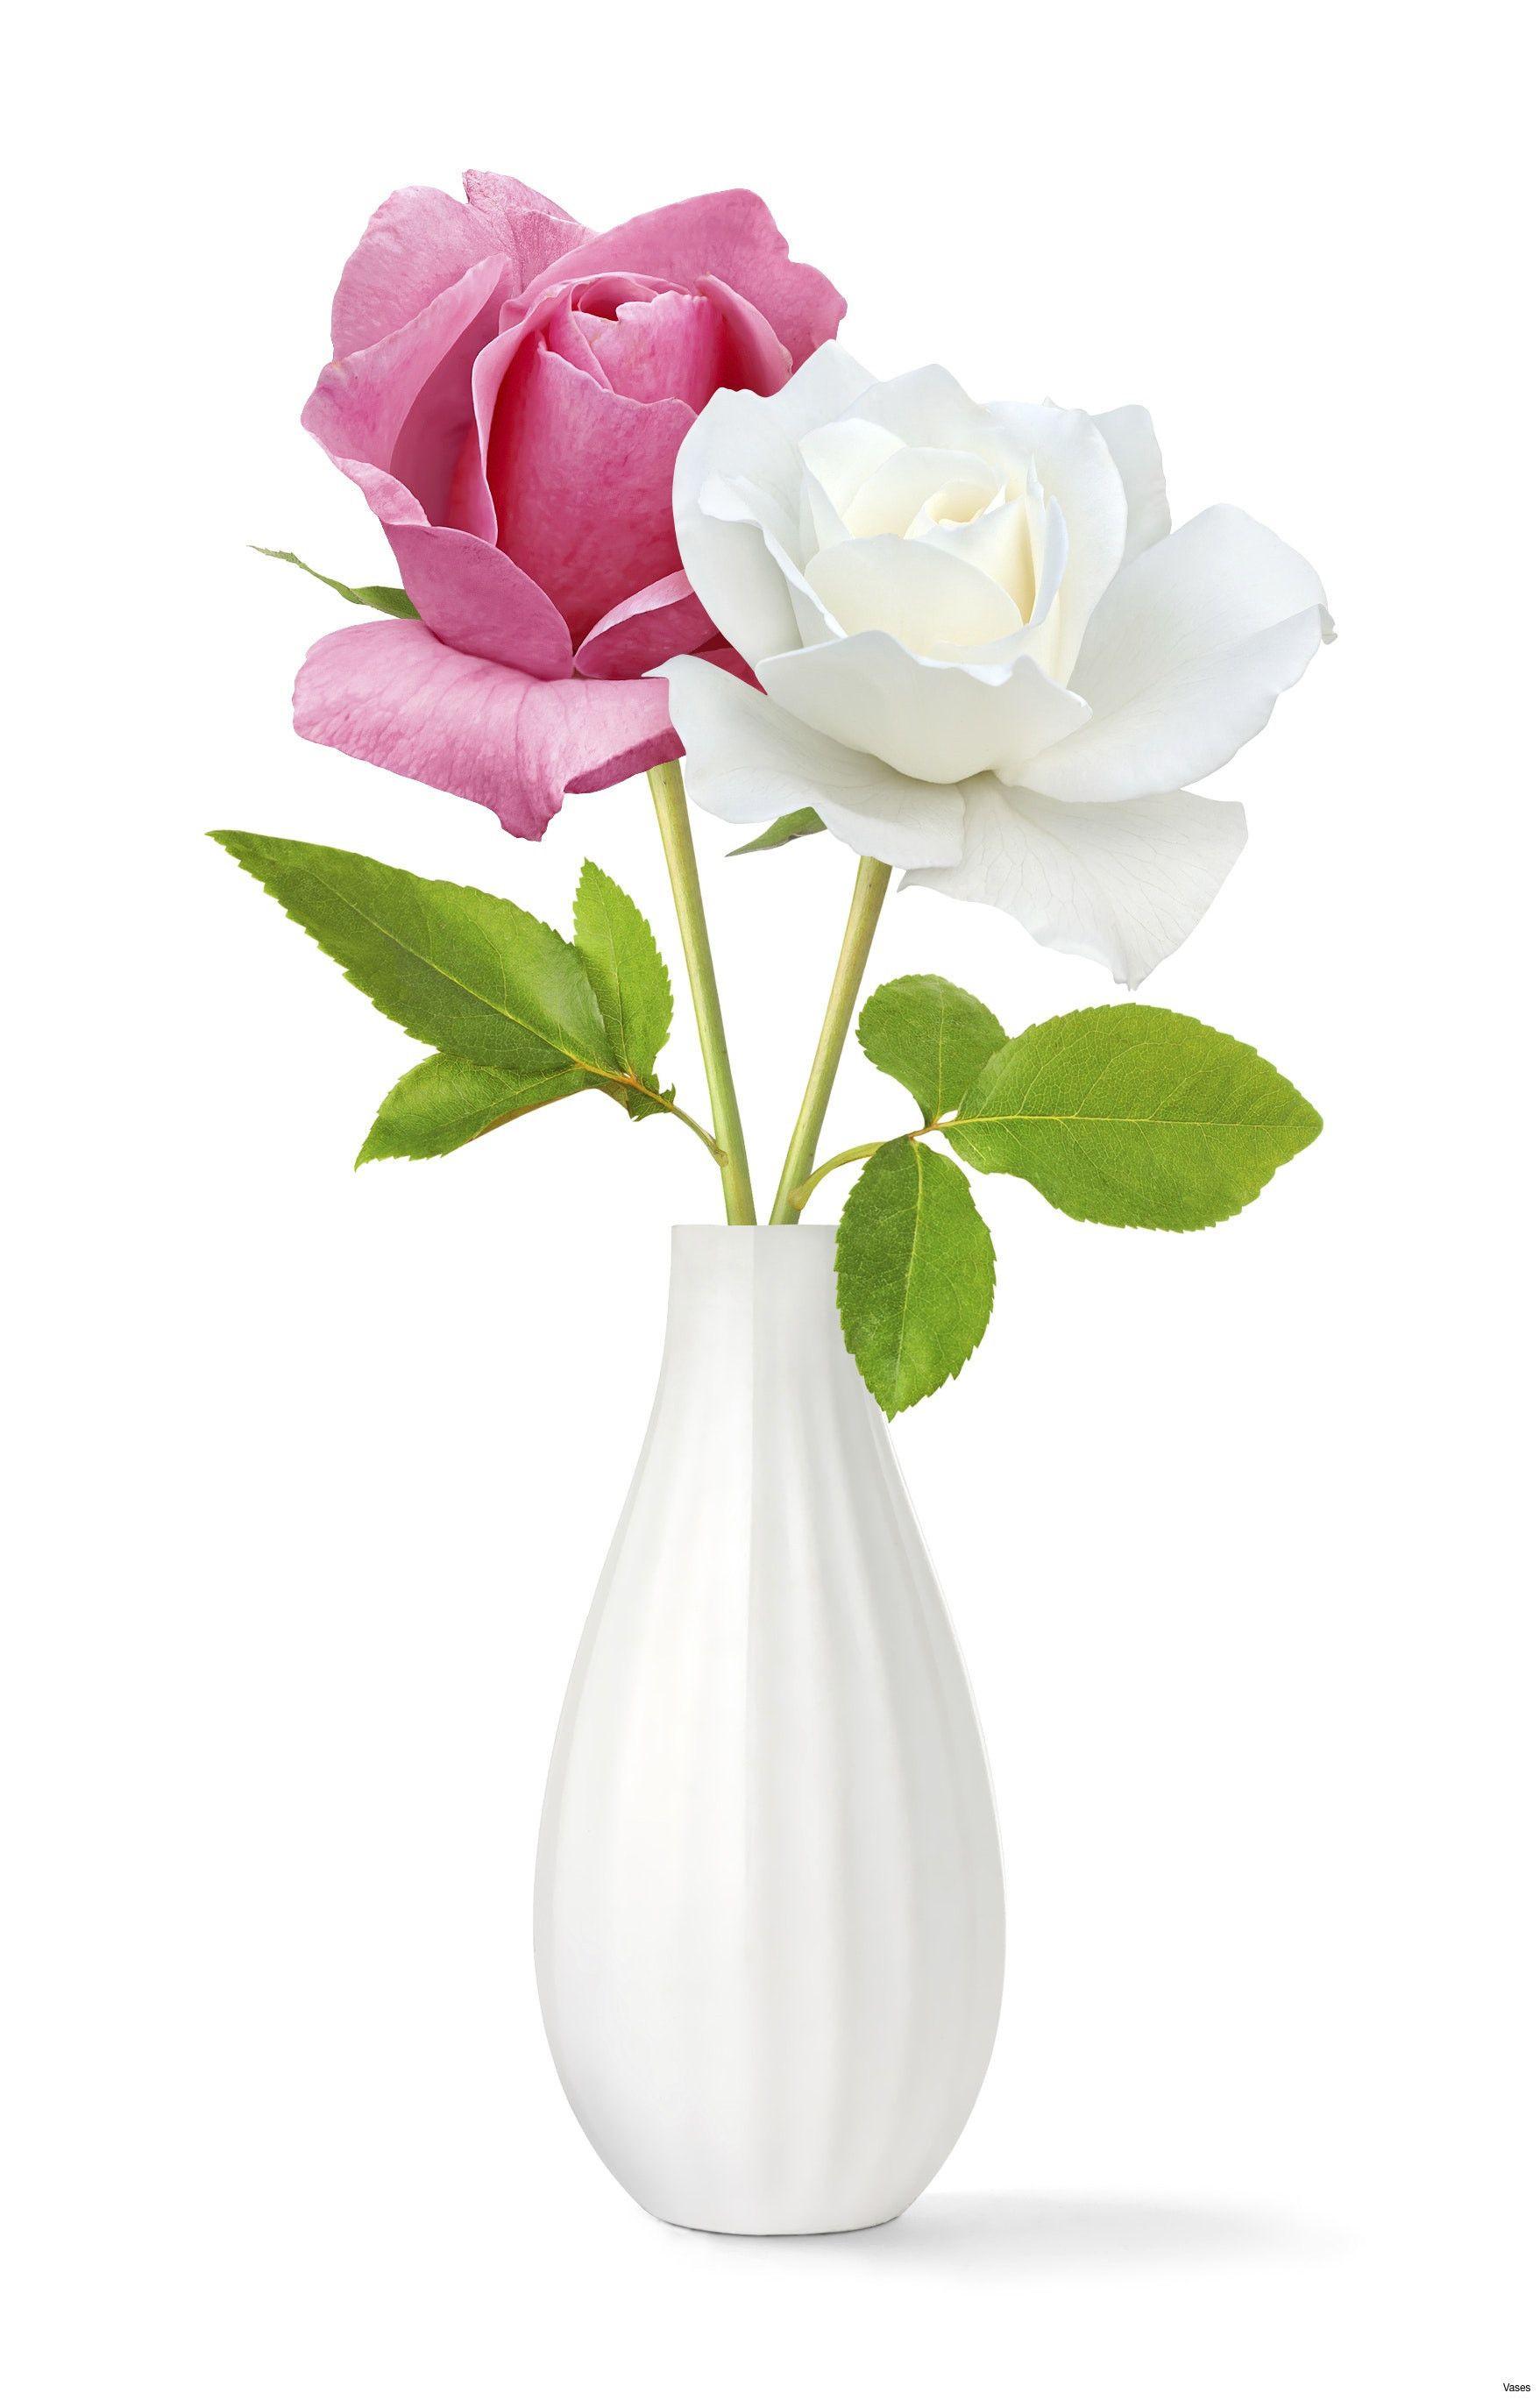 24 Unique Square Bud Vase 2021 free download square bud vase of light pink vase elegant roses red in a vase singleh vases rose in light pink vase elegant roses red in a vase singleh vases rose single i 0d scheme